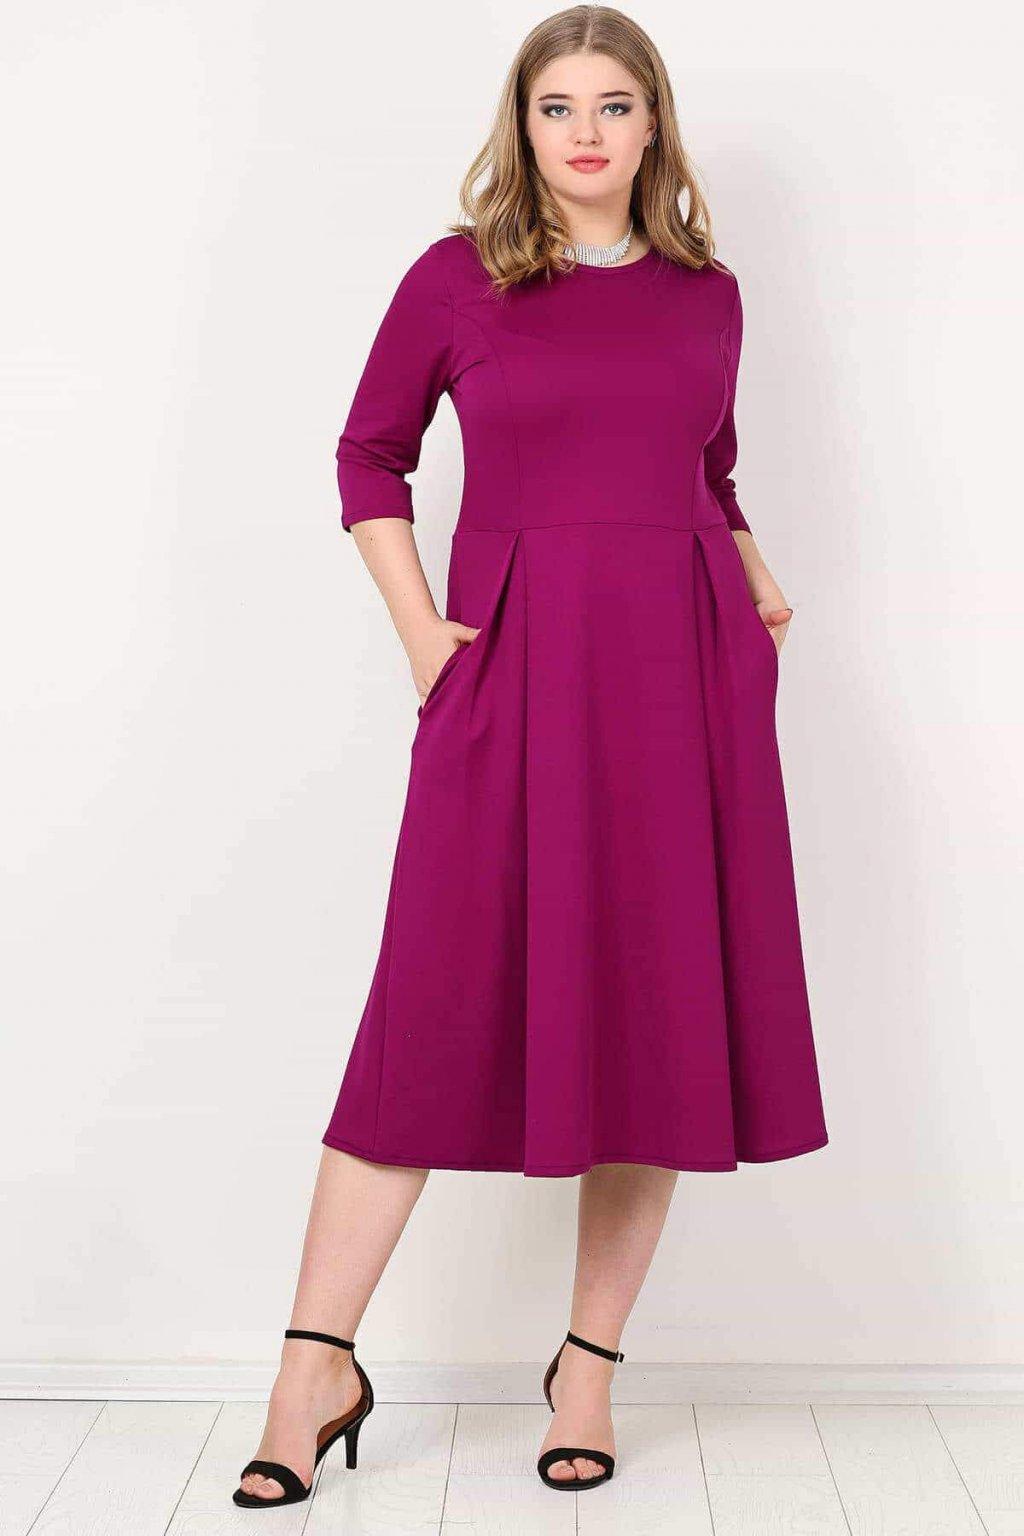 Dámské šaty Paola Bellazu královská vínová